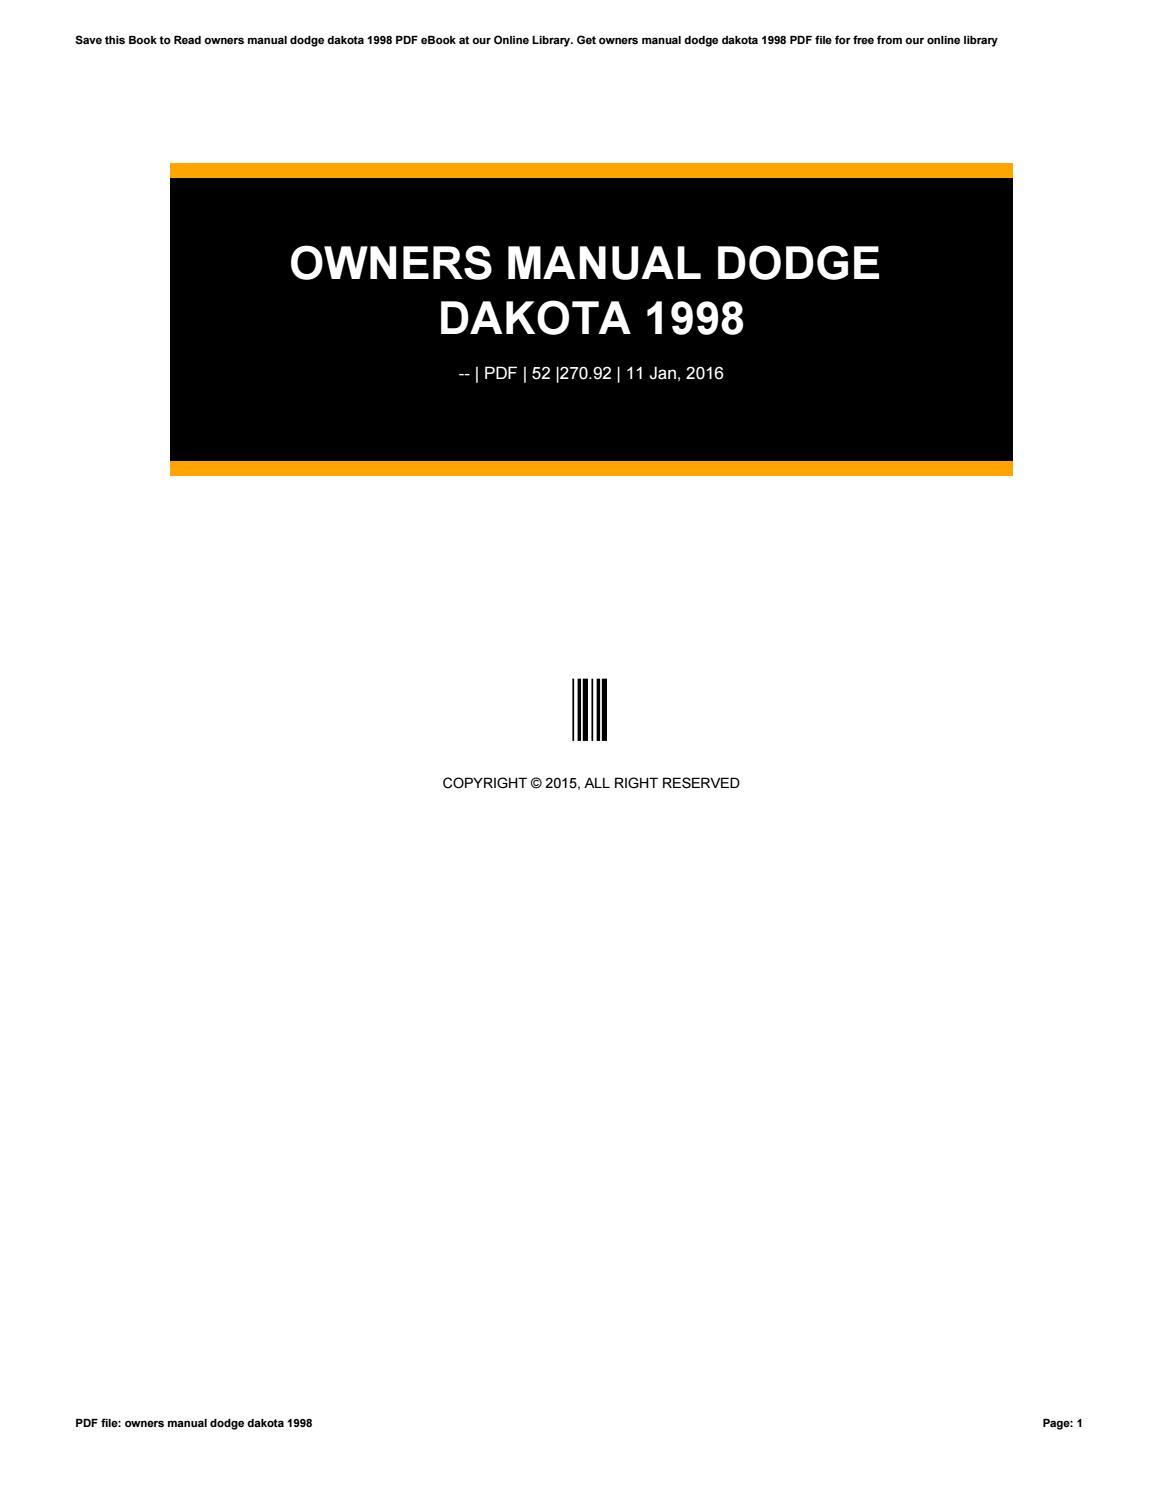 owners manual dodge dakota 1998 by marygilbert3261 - issuu  issuu